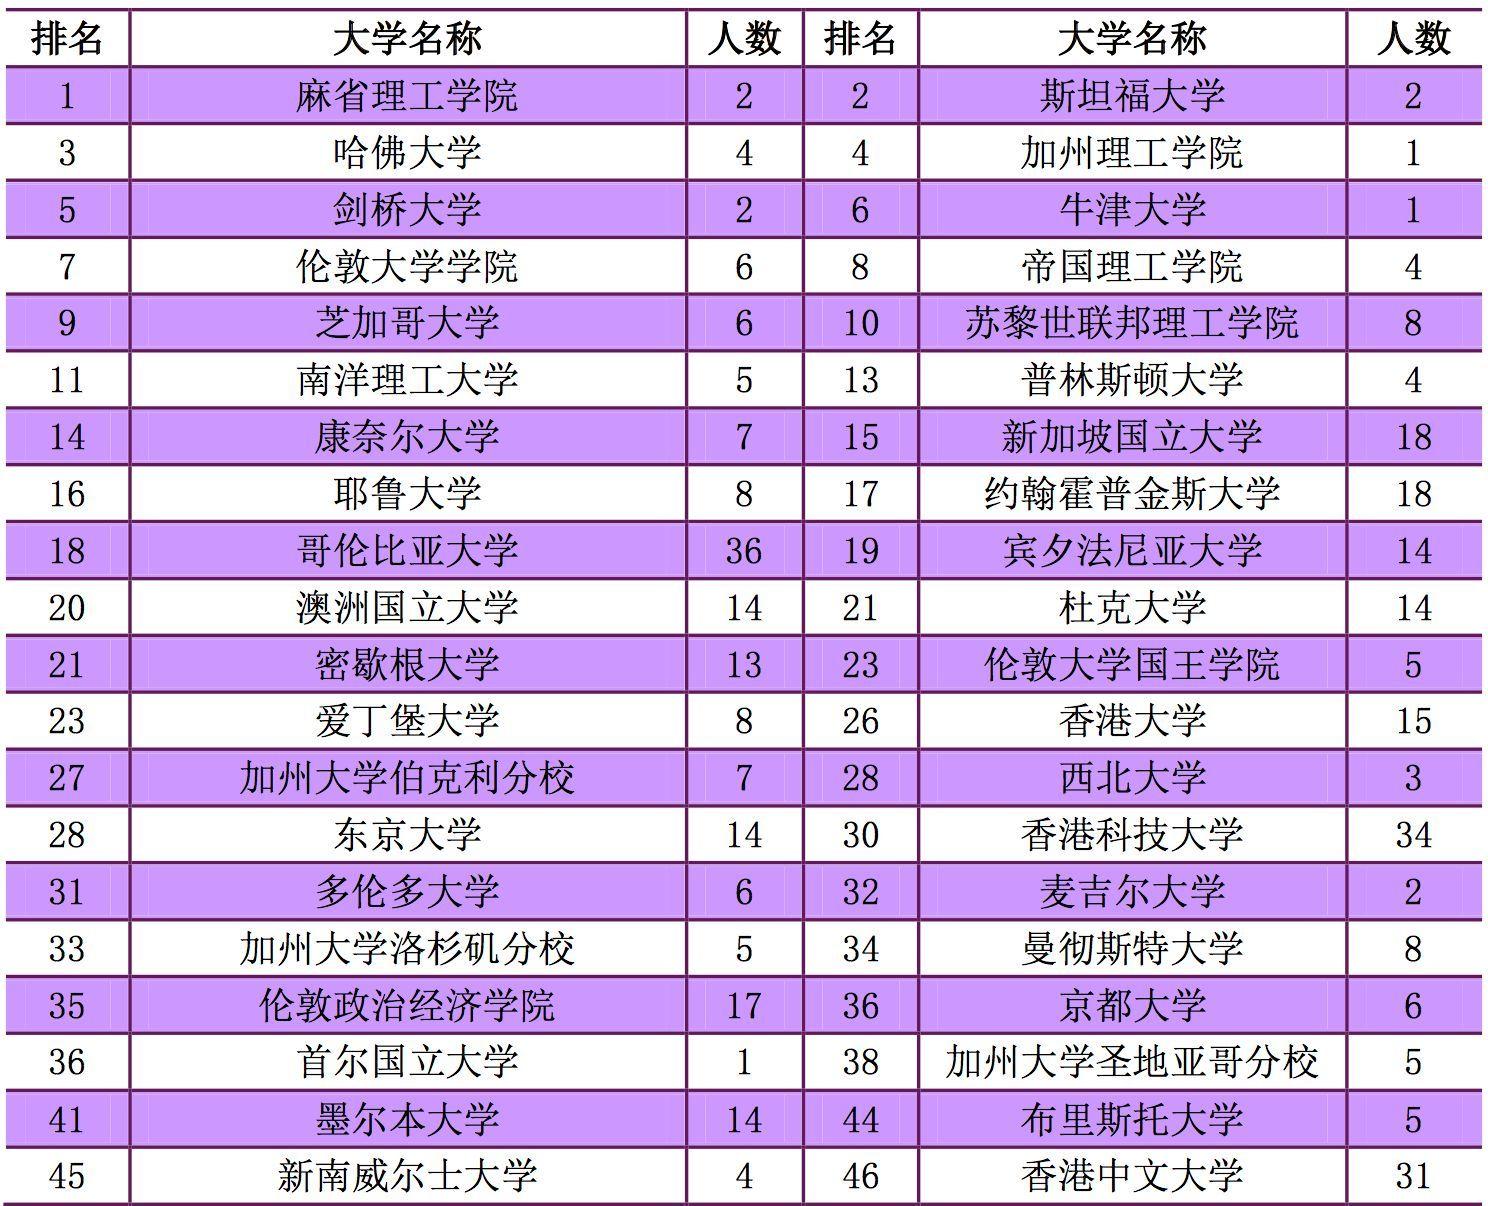 南京大学 2017 届毕业生中 qs 世界大学排名(2018)前 100 名高校(不